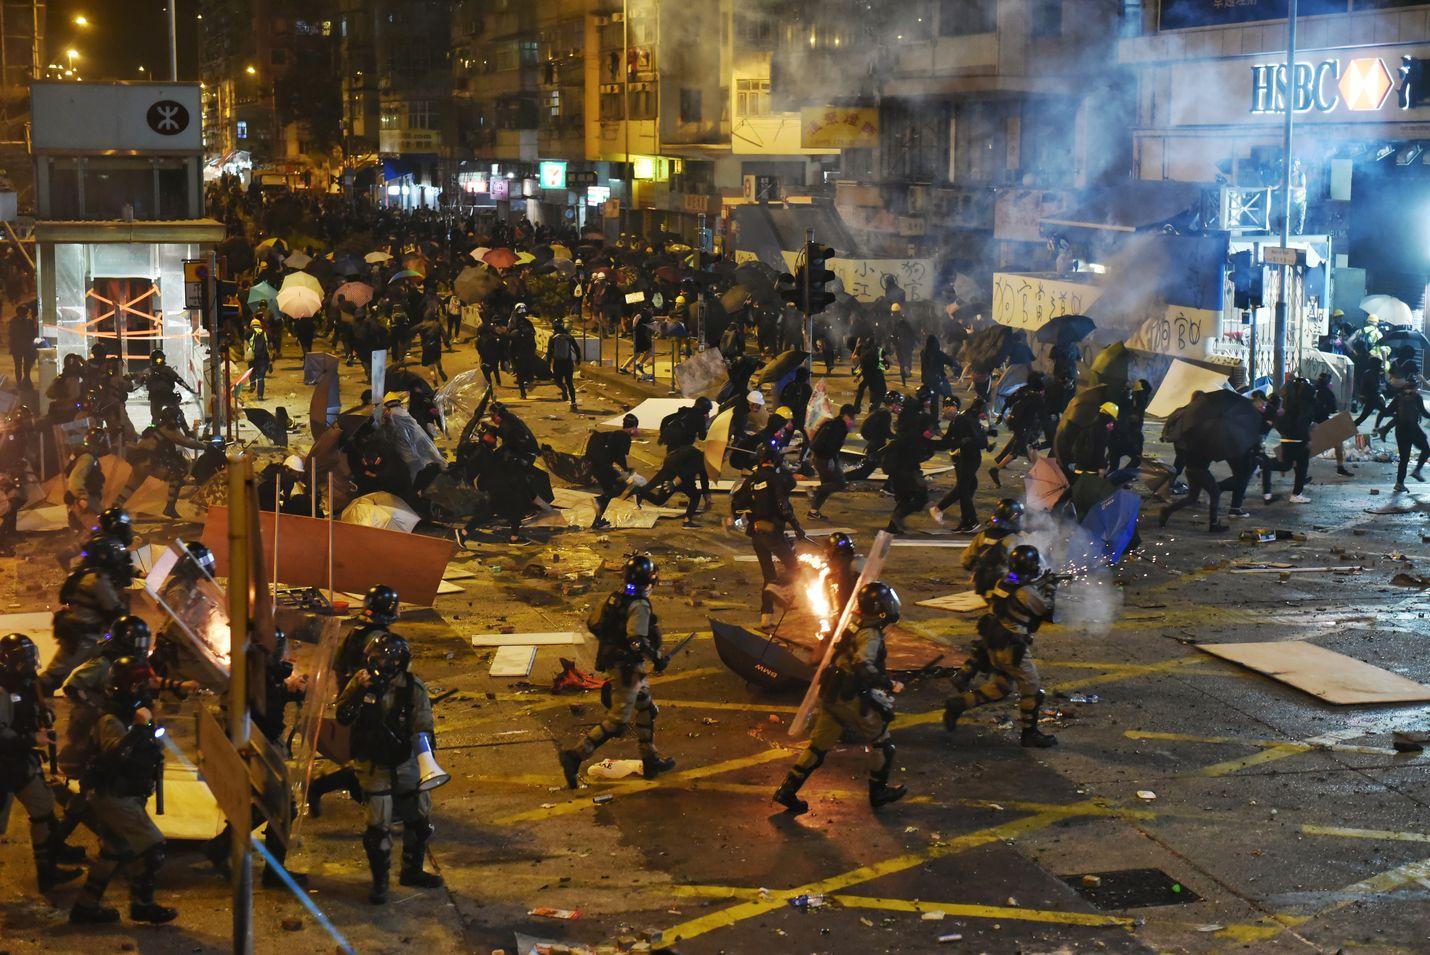 Mellakkapoliisi yritti maanantaina hajaannuttaa protestoijien joukkoja Hongkongissa Jordanin alueella. Protesteissa loukkaantui maanantaina lähes 116 ihmistä, lähes kolminkertainen määrä sunnuntaihin verrattuna.